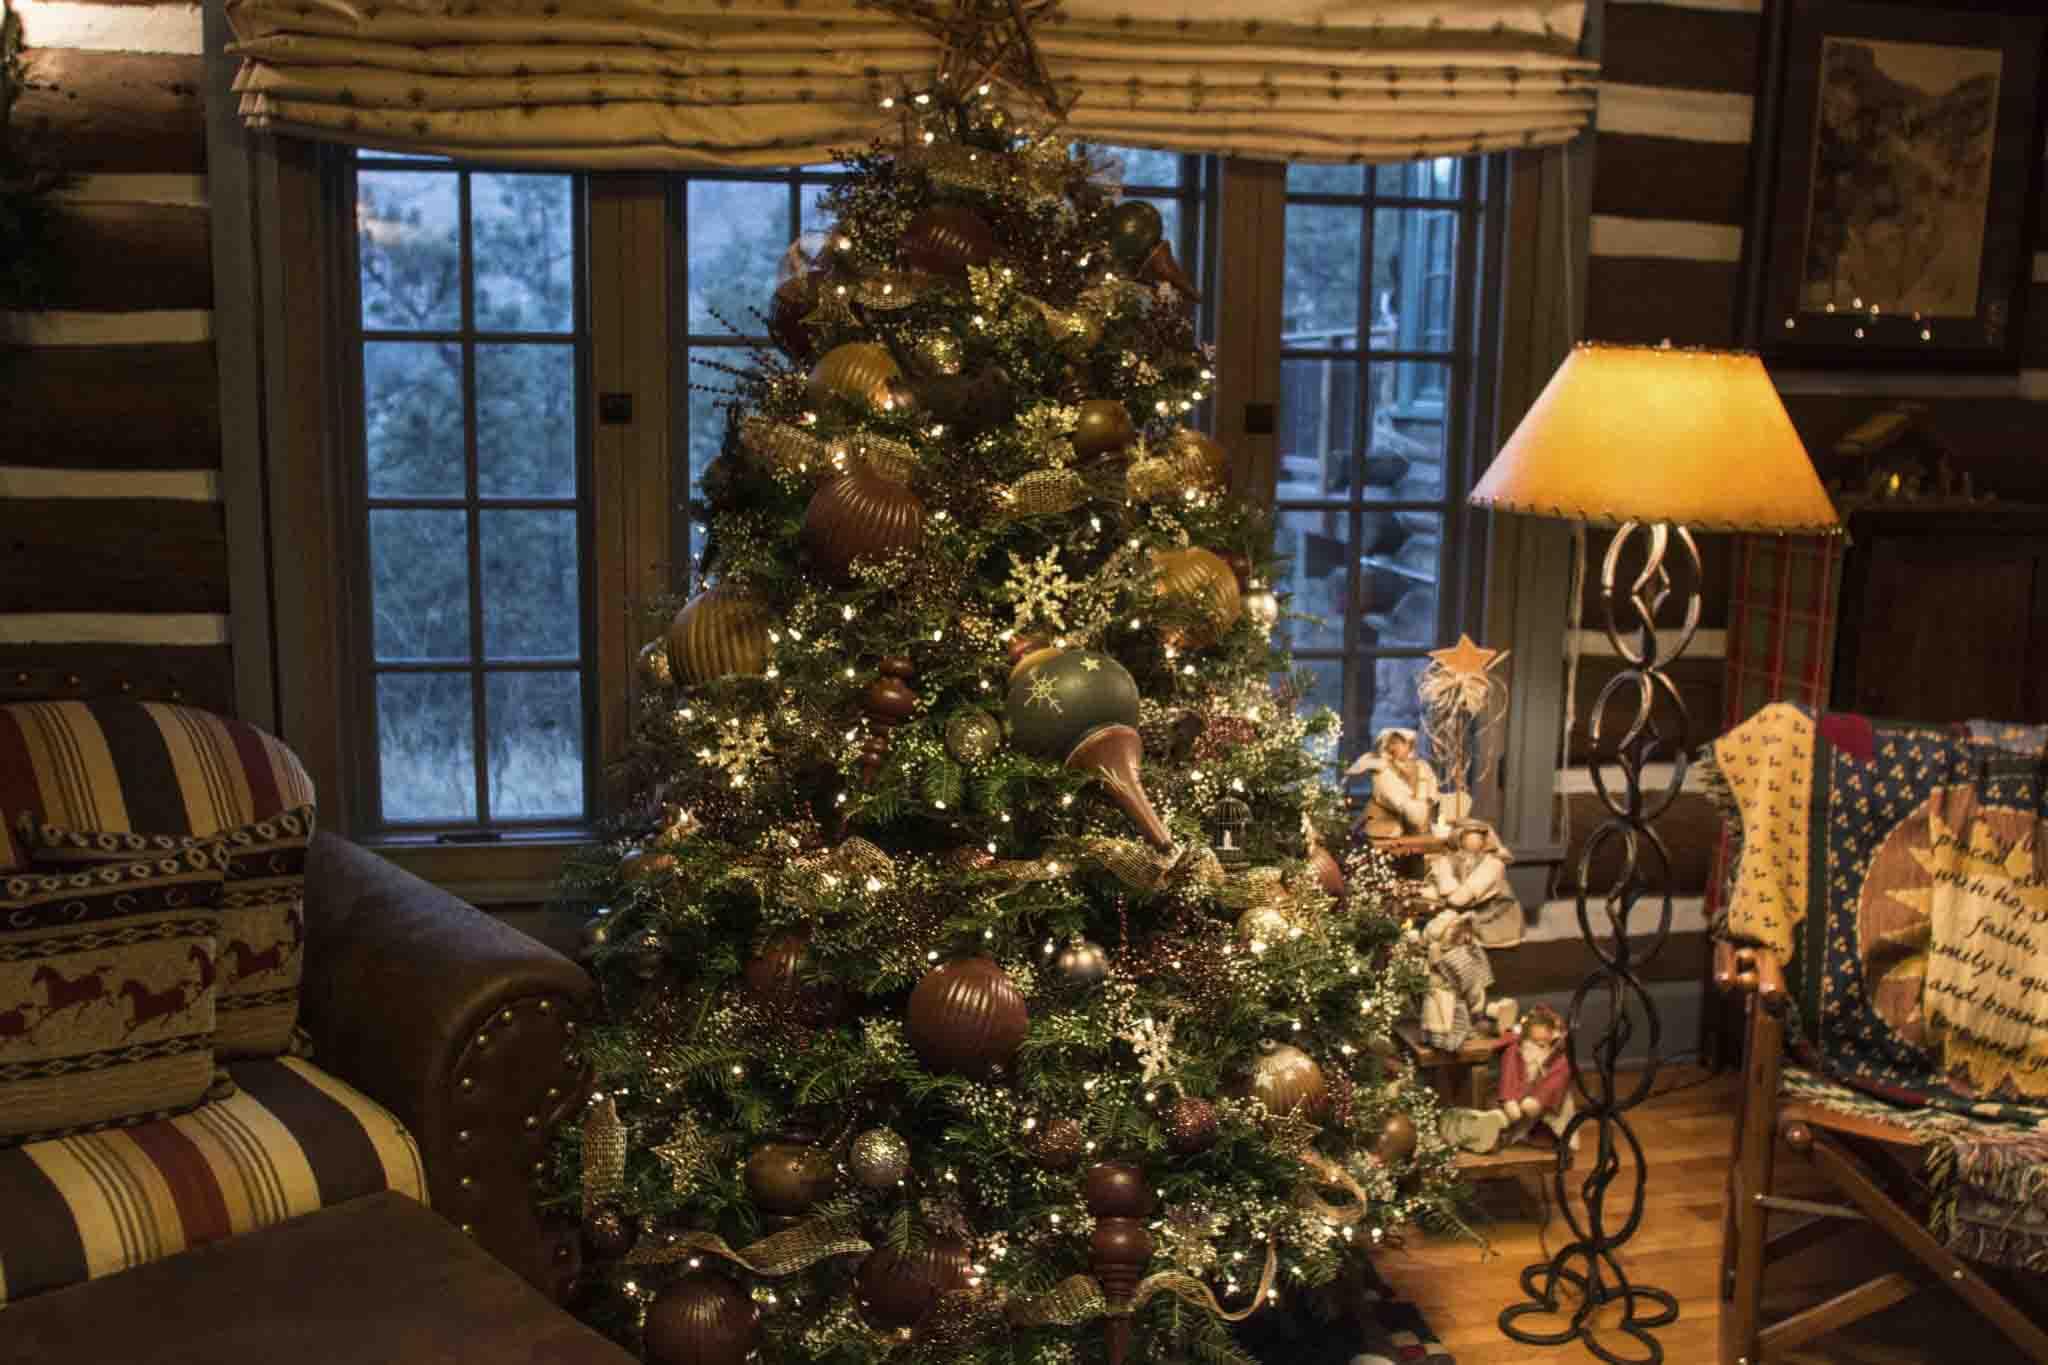 A Peek Inside Linda's Holiday Home